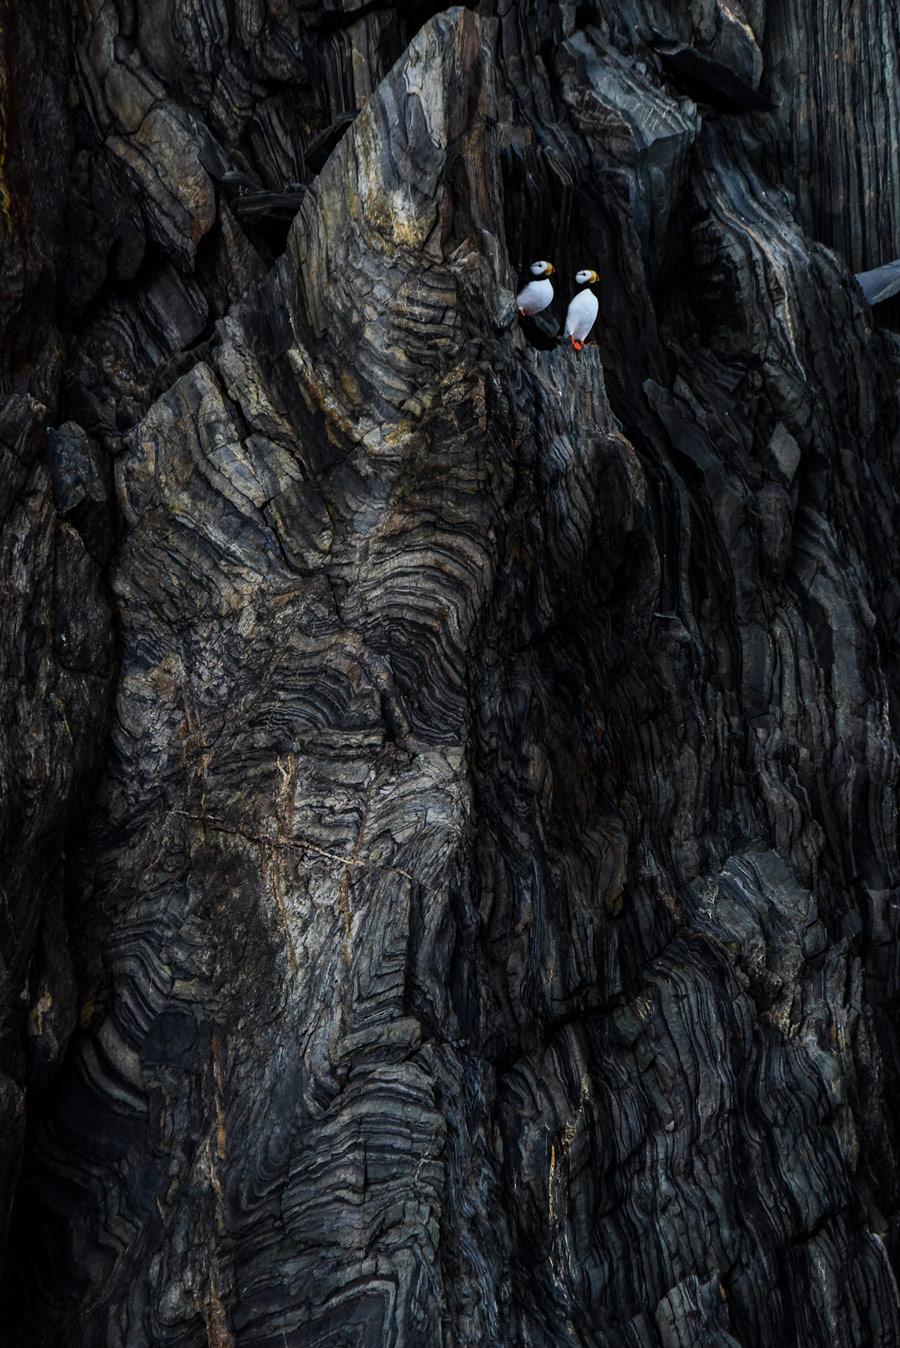 Прошлое и настоящее, © Григорий Цидулко, 2-е место в номинации «Птицы», Фотоконкурс «Дикая природа России» от National Geographic